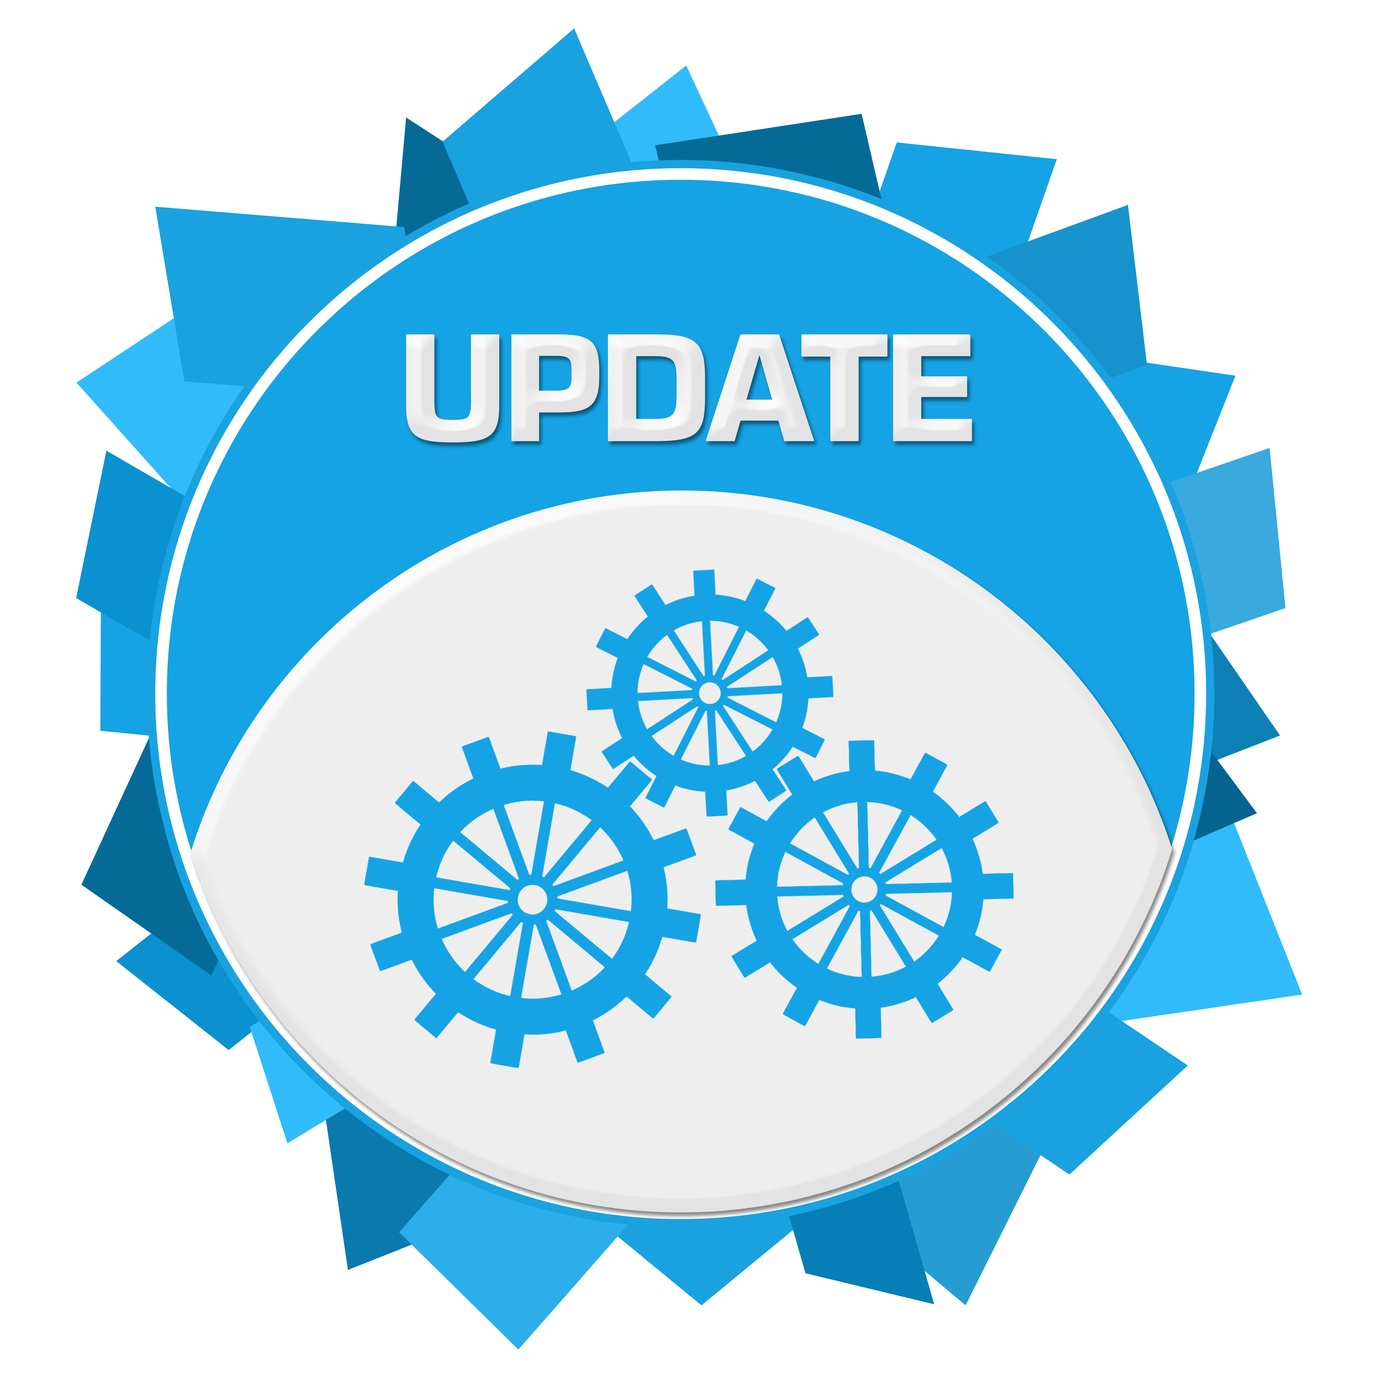 eprcs updates may 2018